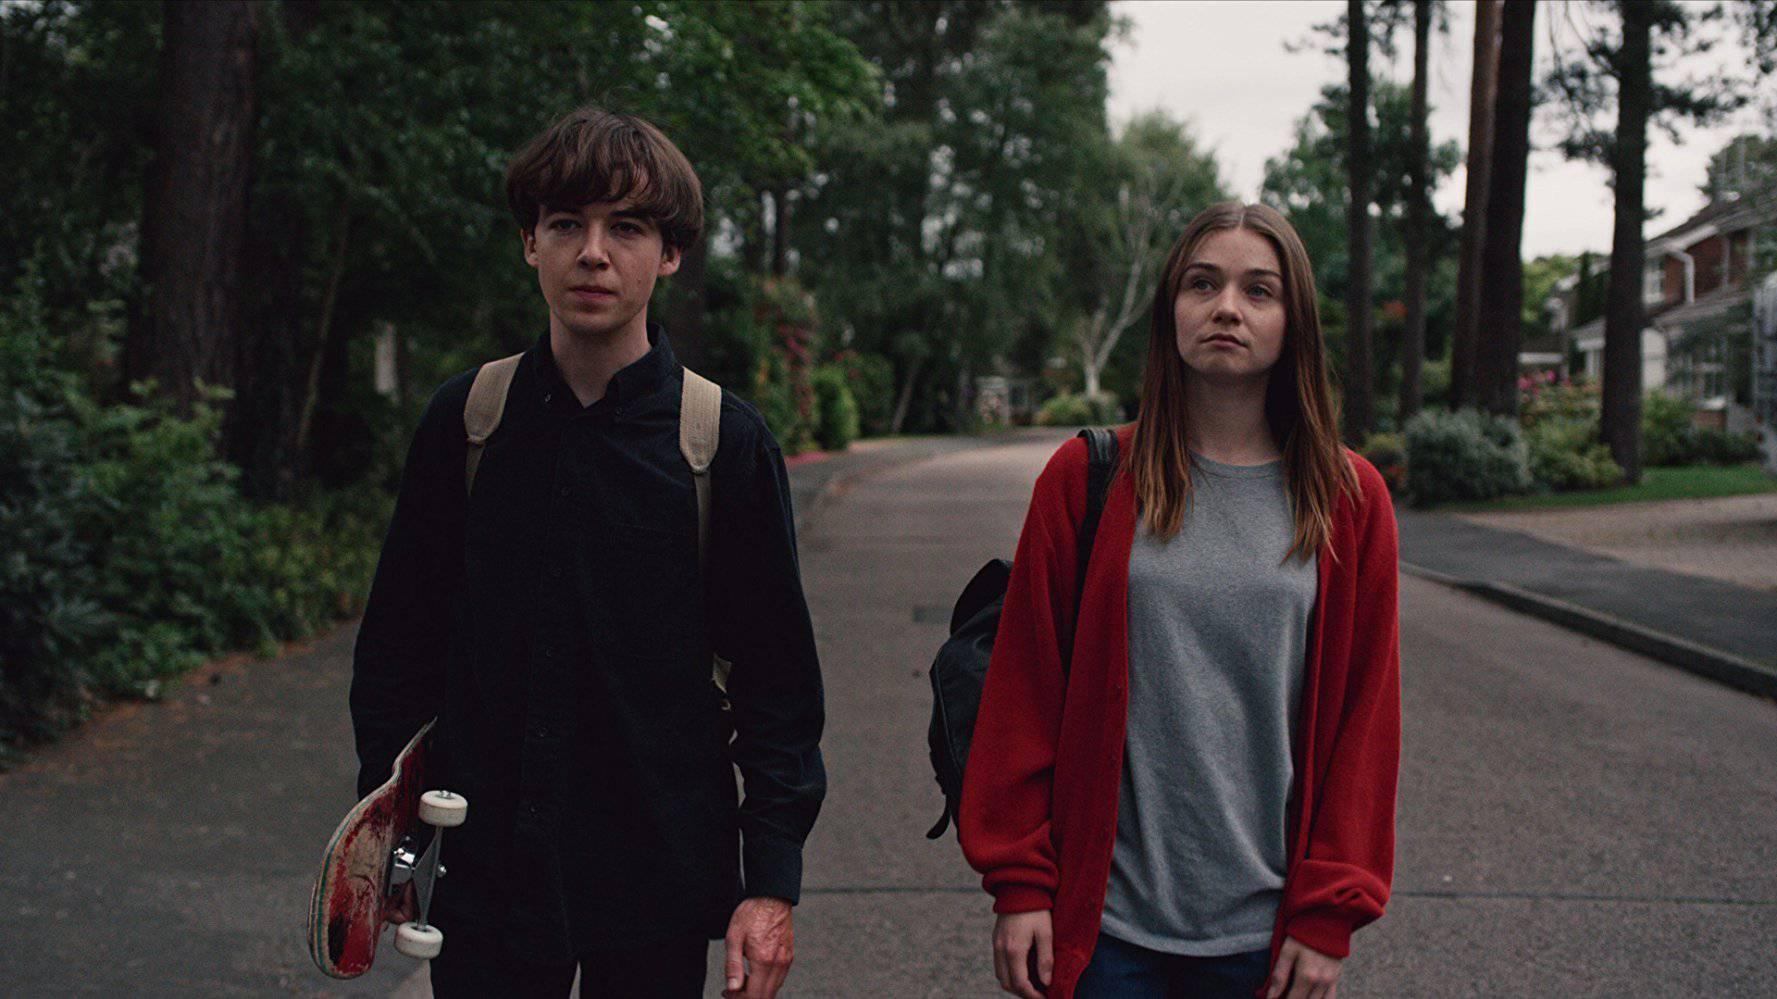 Topla ljubavna priča tinejdžera u ciničnom svijetu bez ljubavi